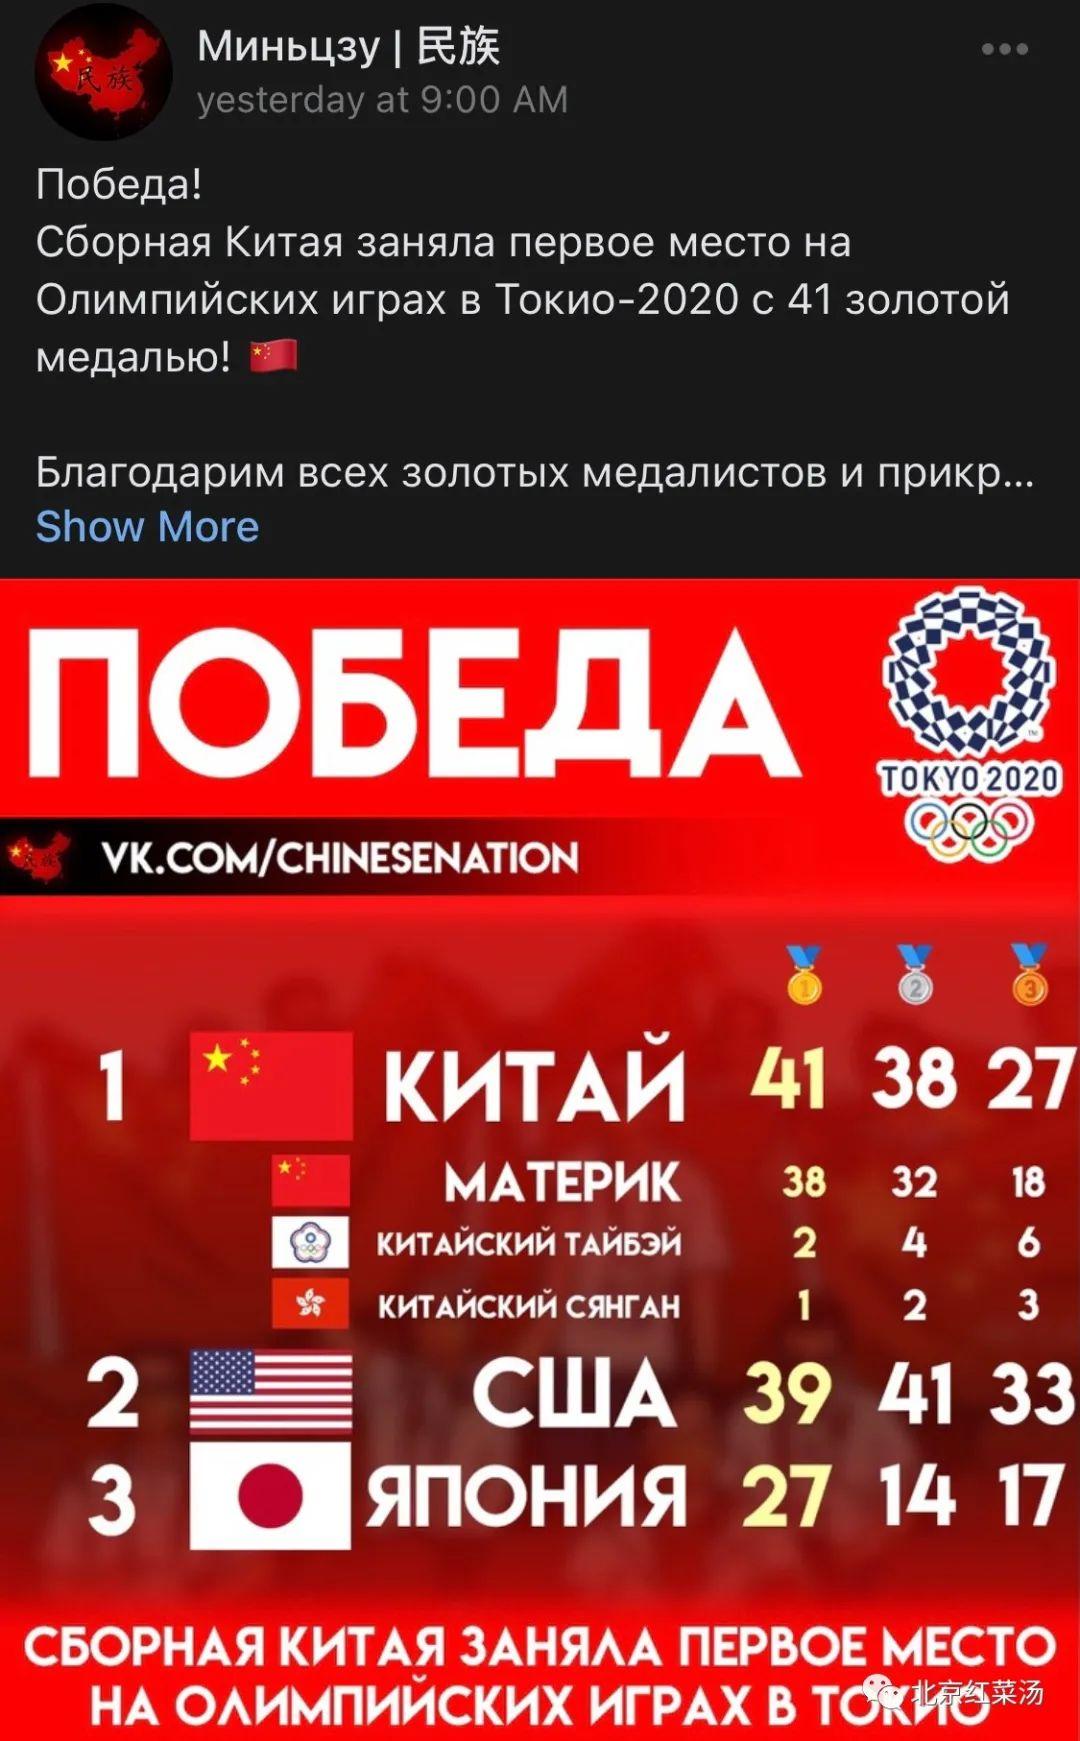 俄罗斯媒体报道我们东京奥运会第一?网友:好兄弟,真义气